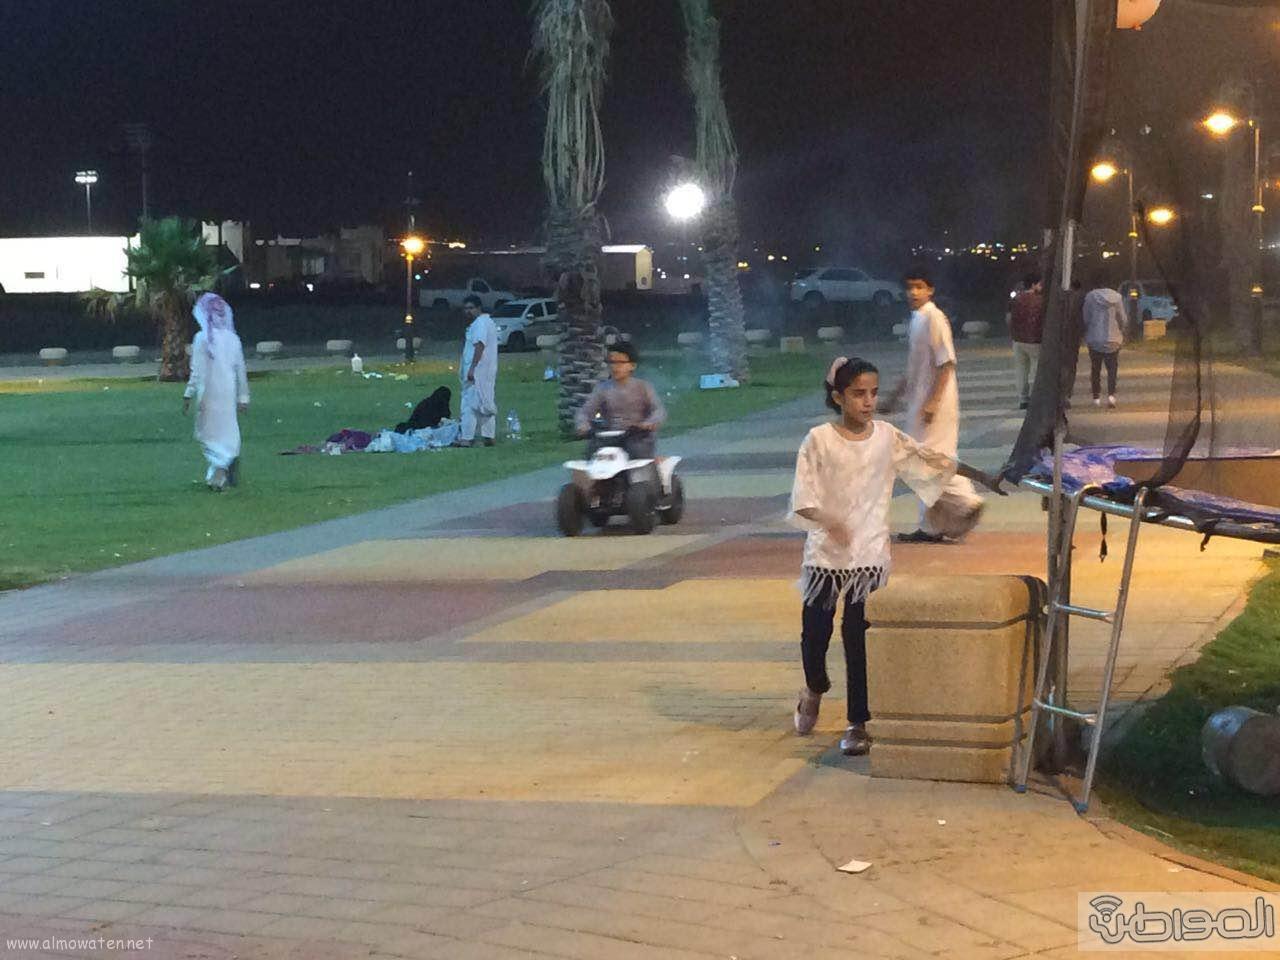 المتنزهين بمنتزه وممشى المحالة  (4)